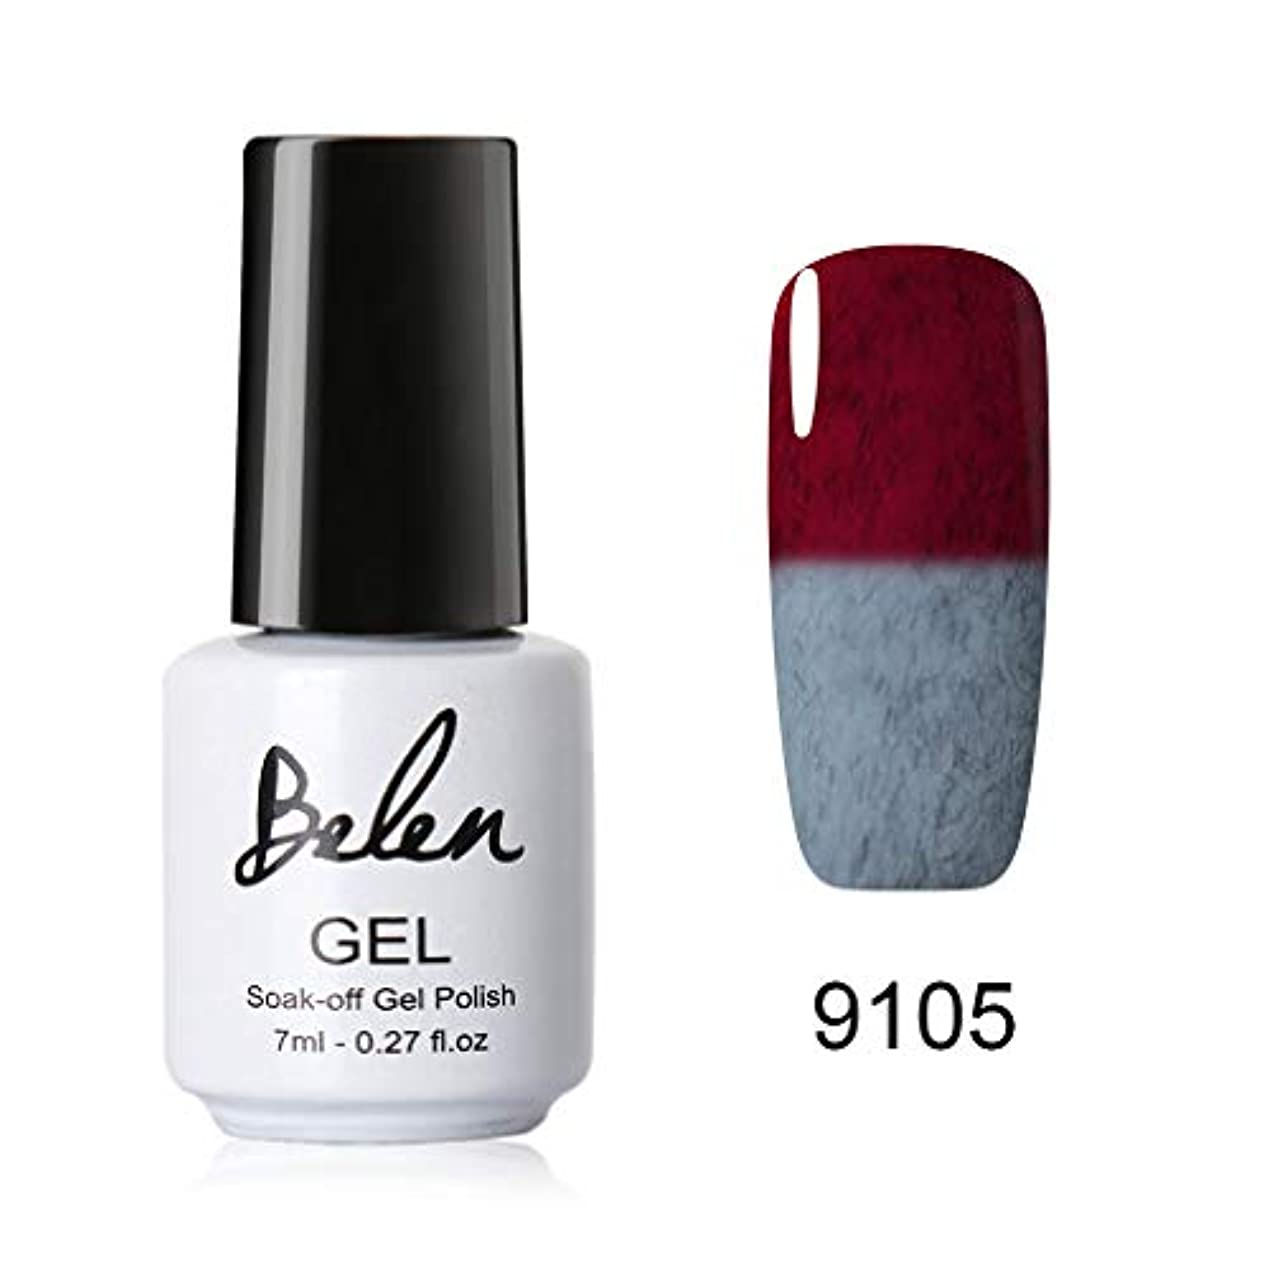 めんどりカテゴリー自然Belen ジェルネイル カラージェル 毛皮系 カメレオンカラージェル 温度により色が変化 1色入り 7ml 【全6 色選択可】